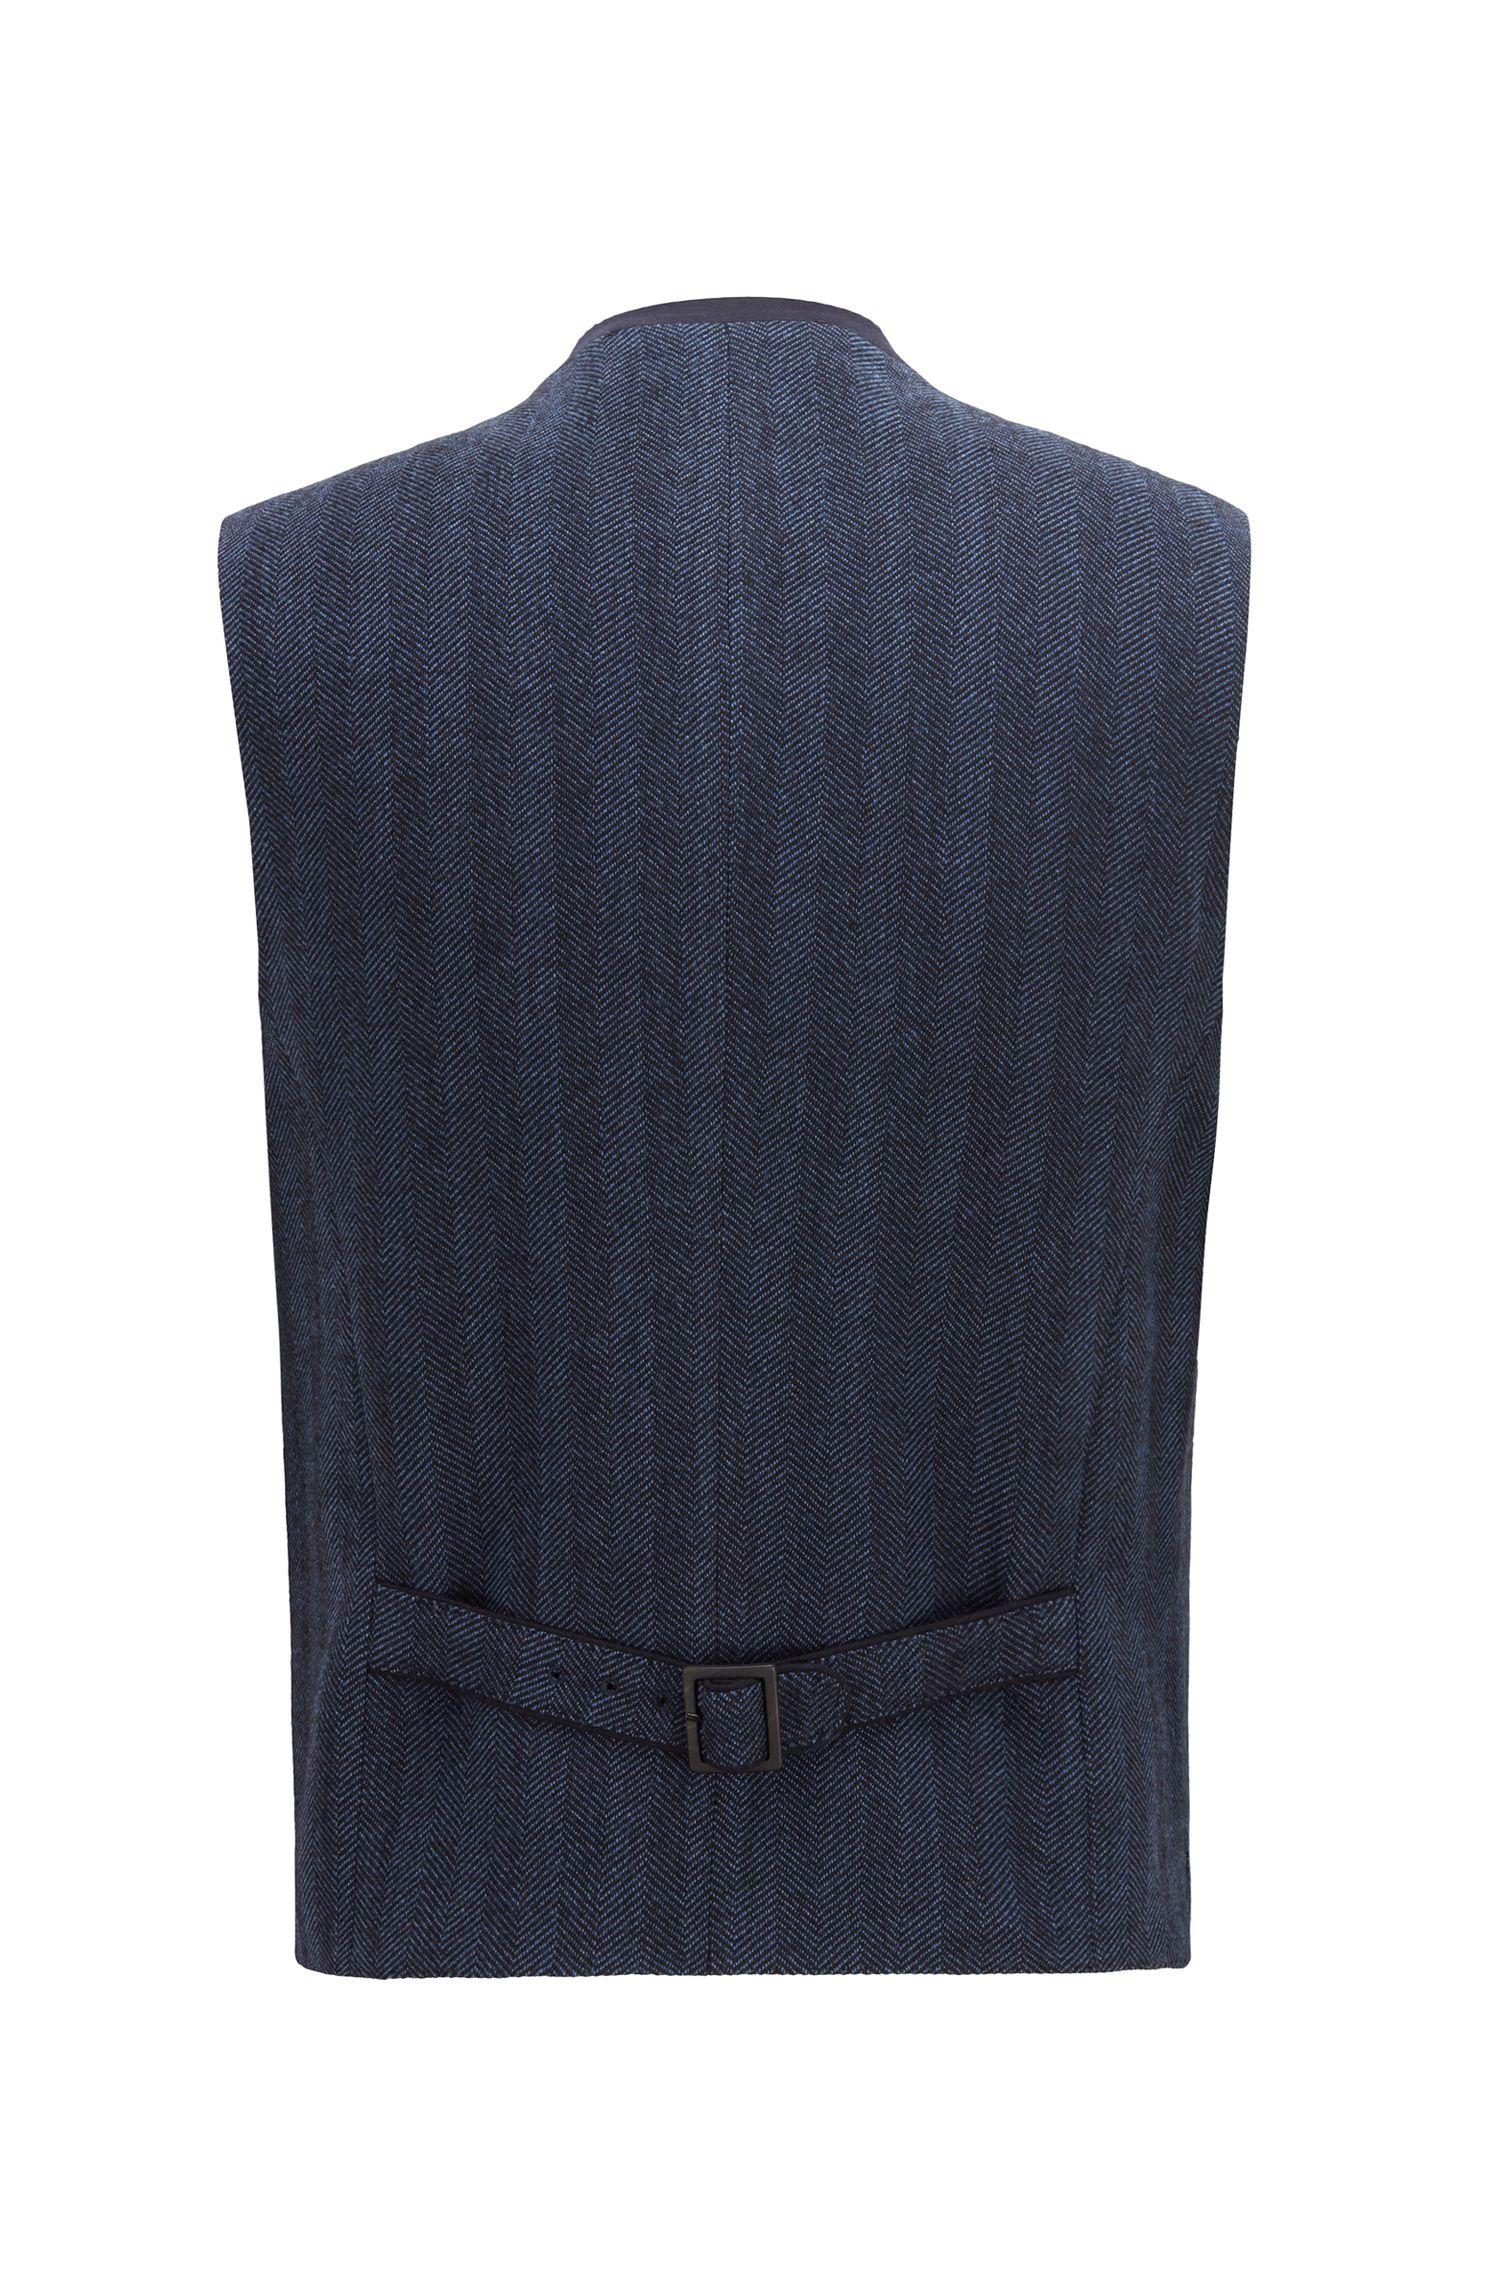 Gilet bavarois traditionnel en laine mélangée, Bleu vif